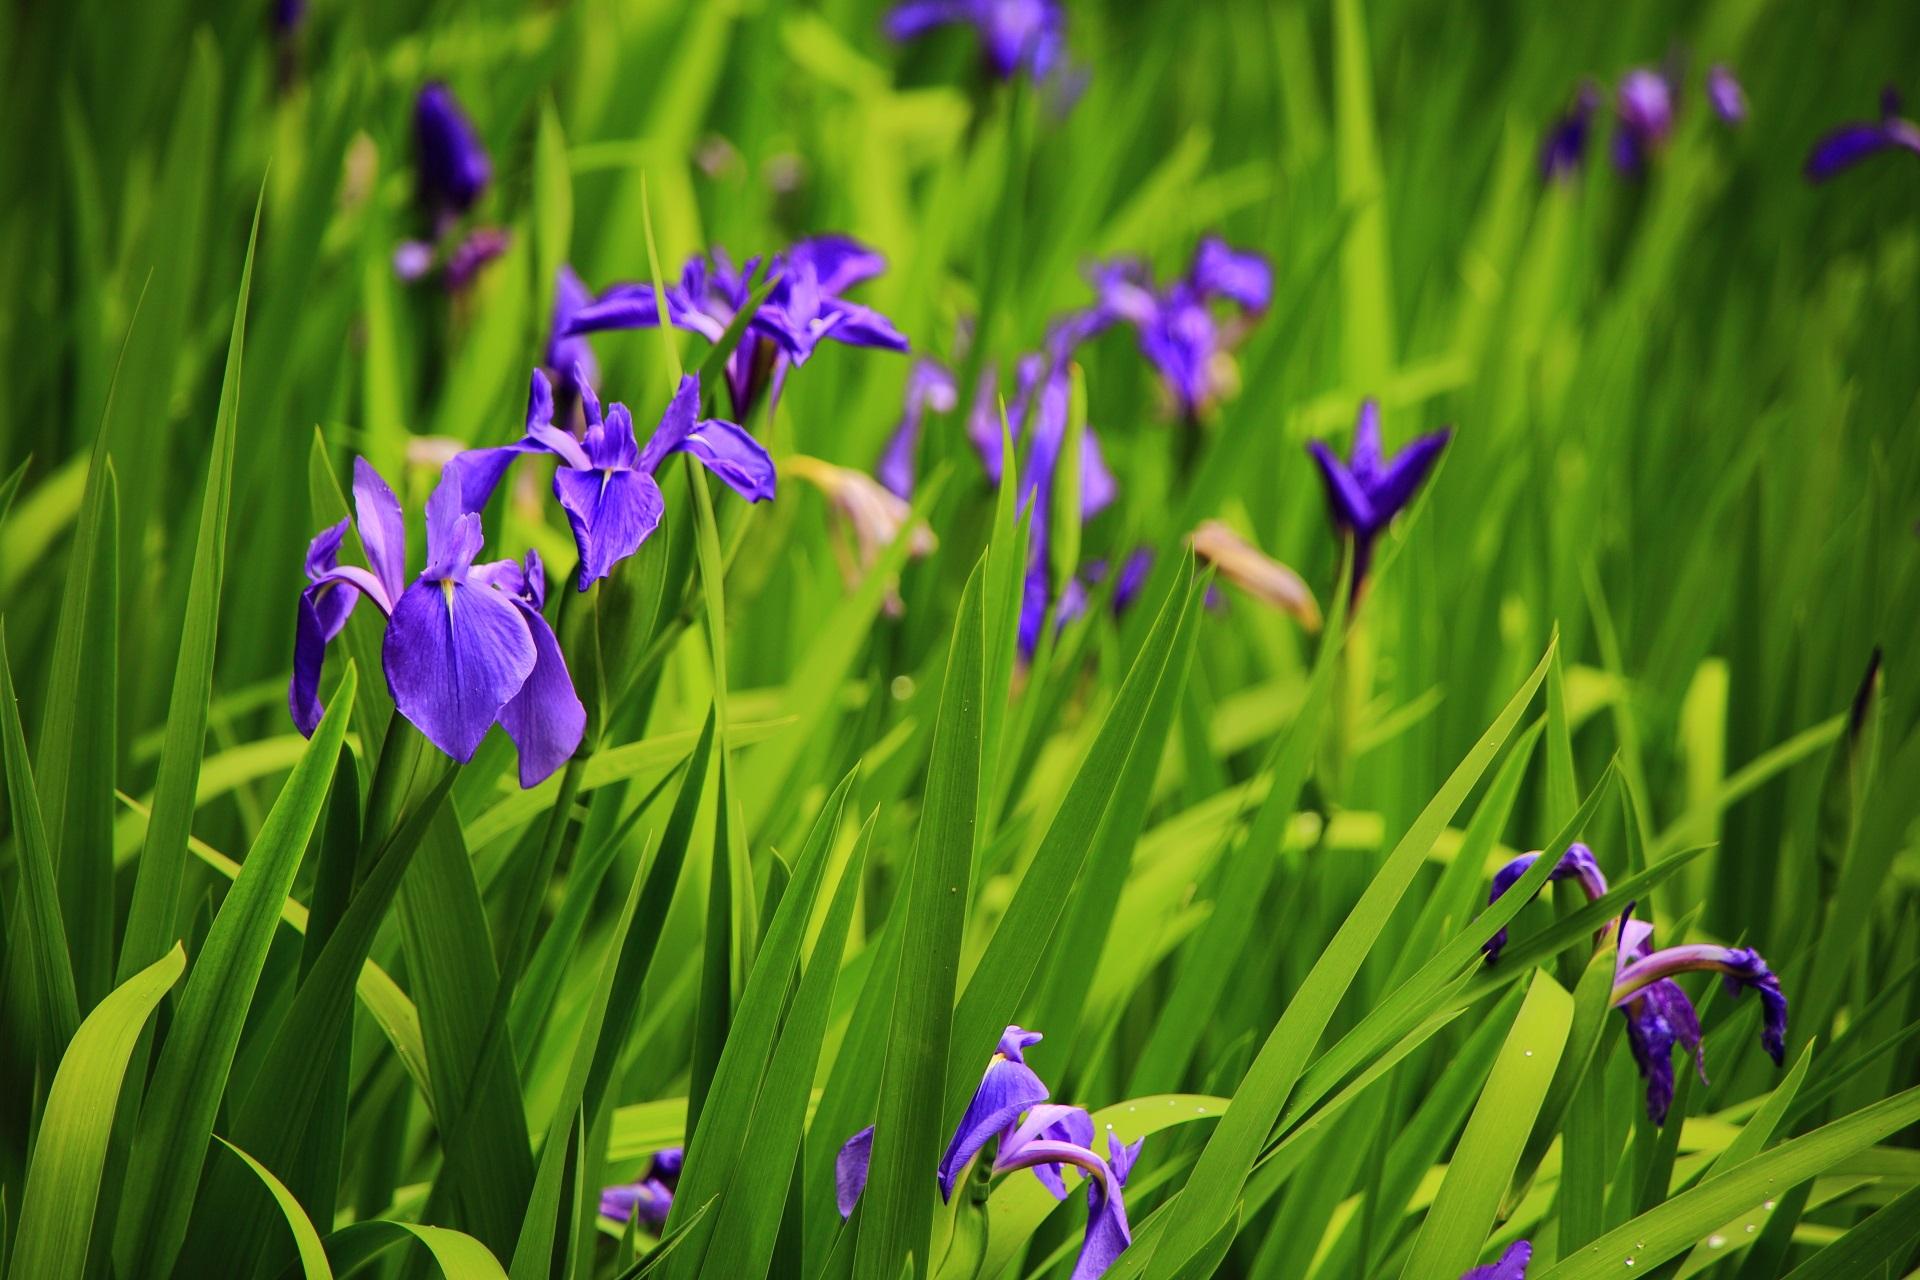 春の長閑な雰囲気が漂う大田神社(おおたじんじゃ)